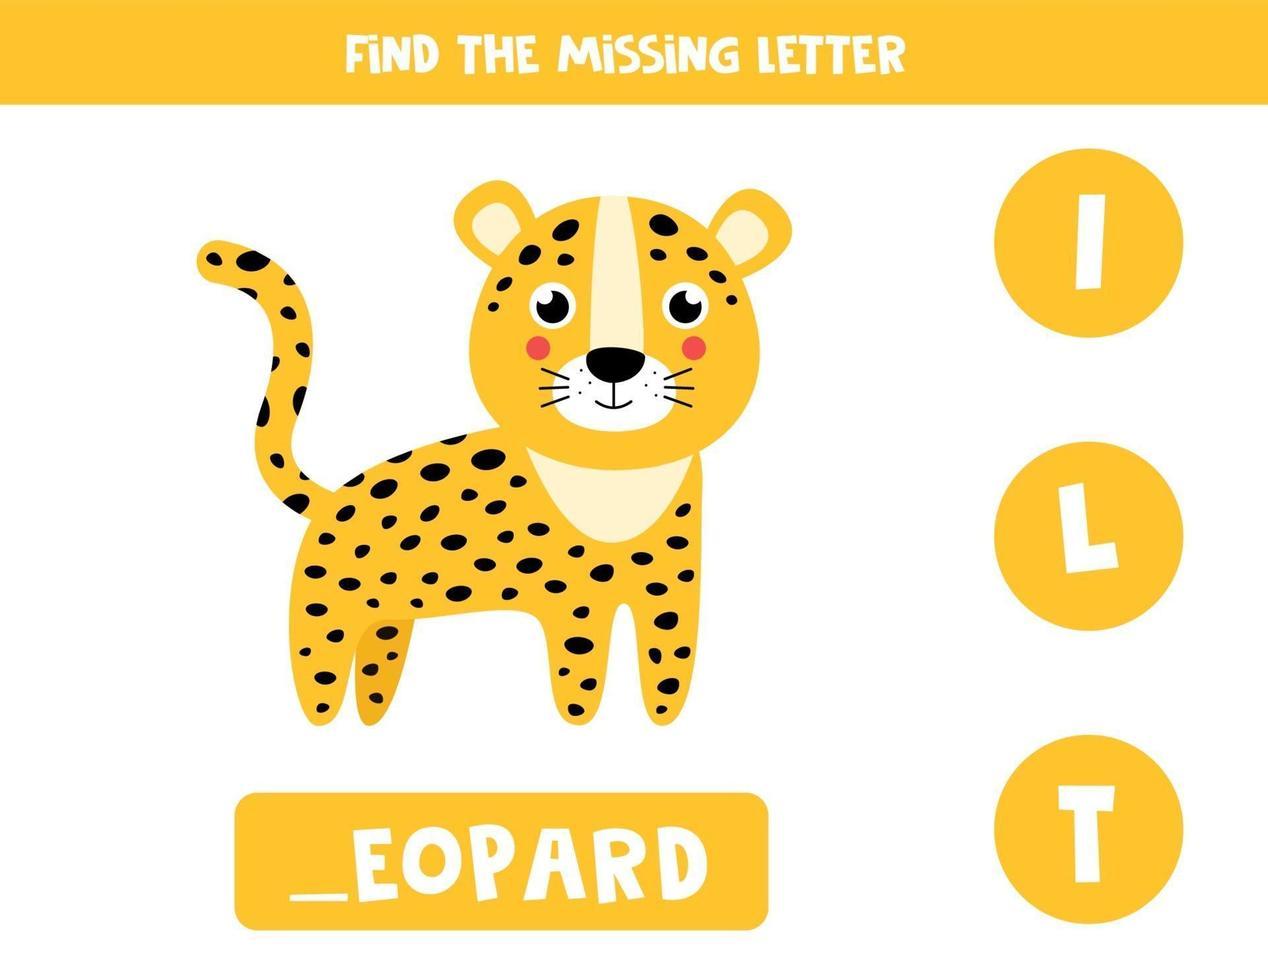 trova la lettera mancante e scrivila. carino leopardo. vettore